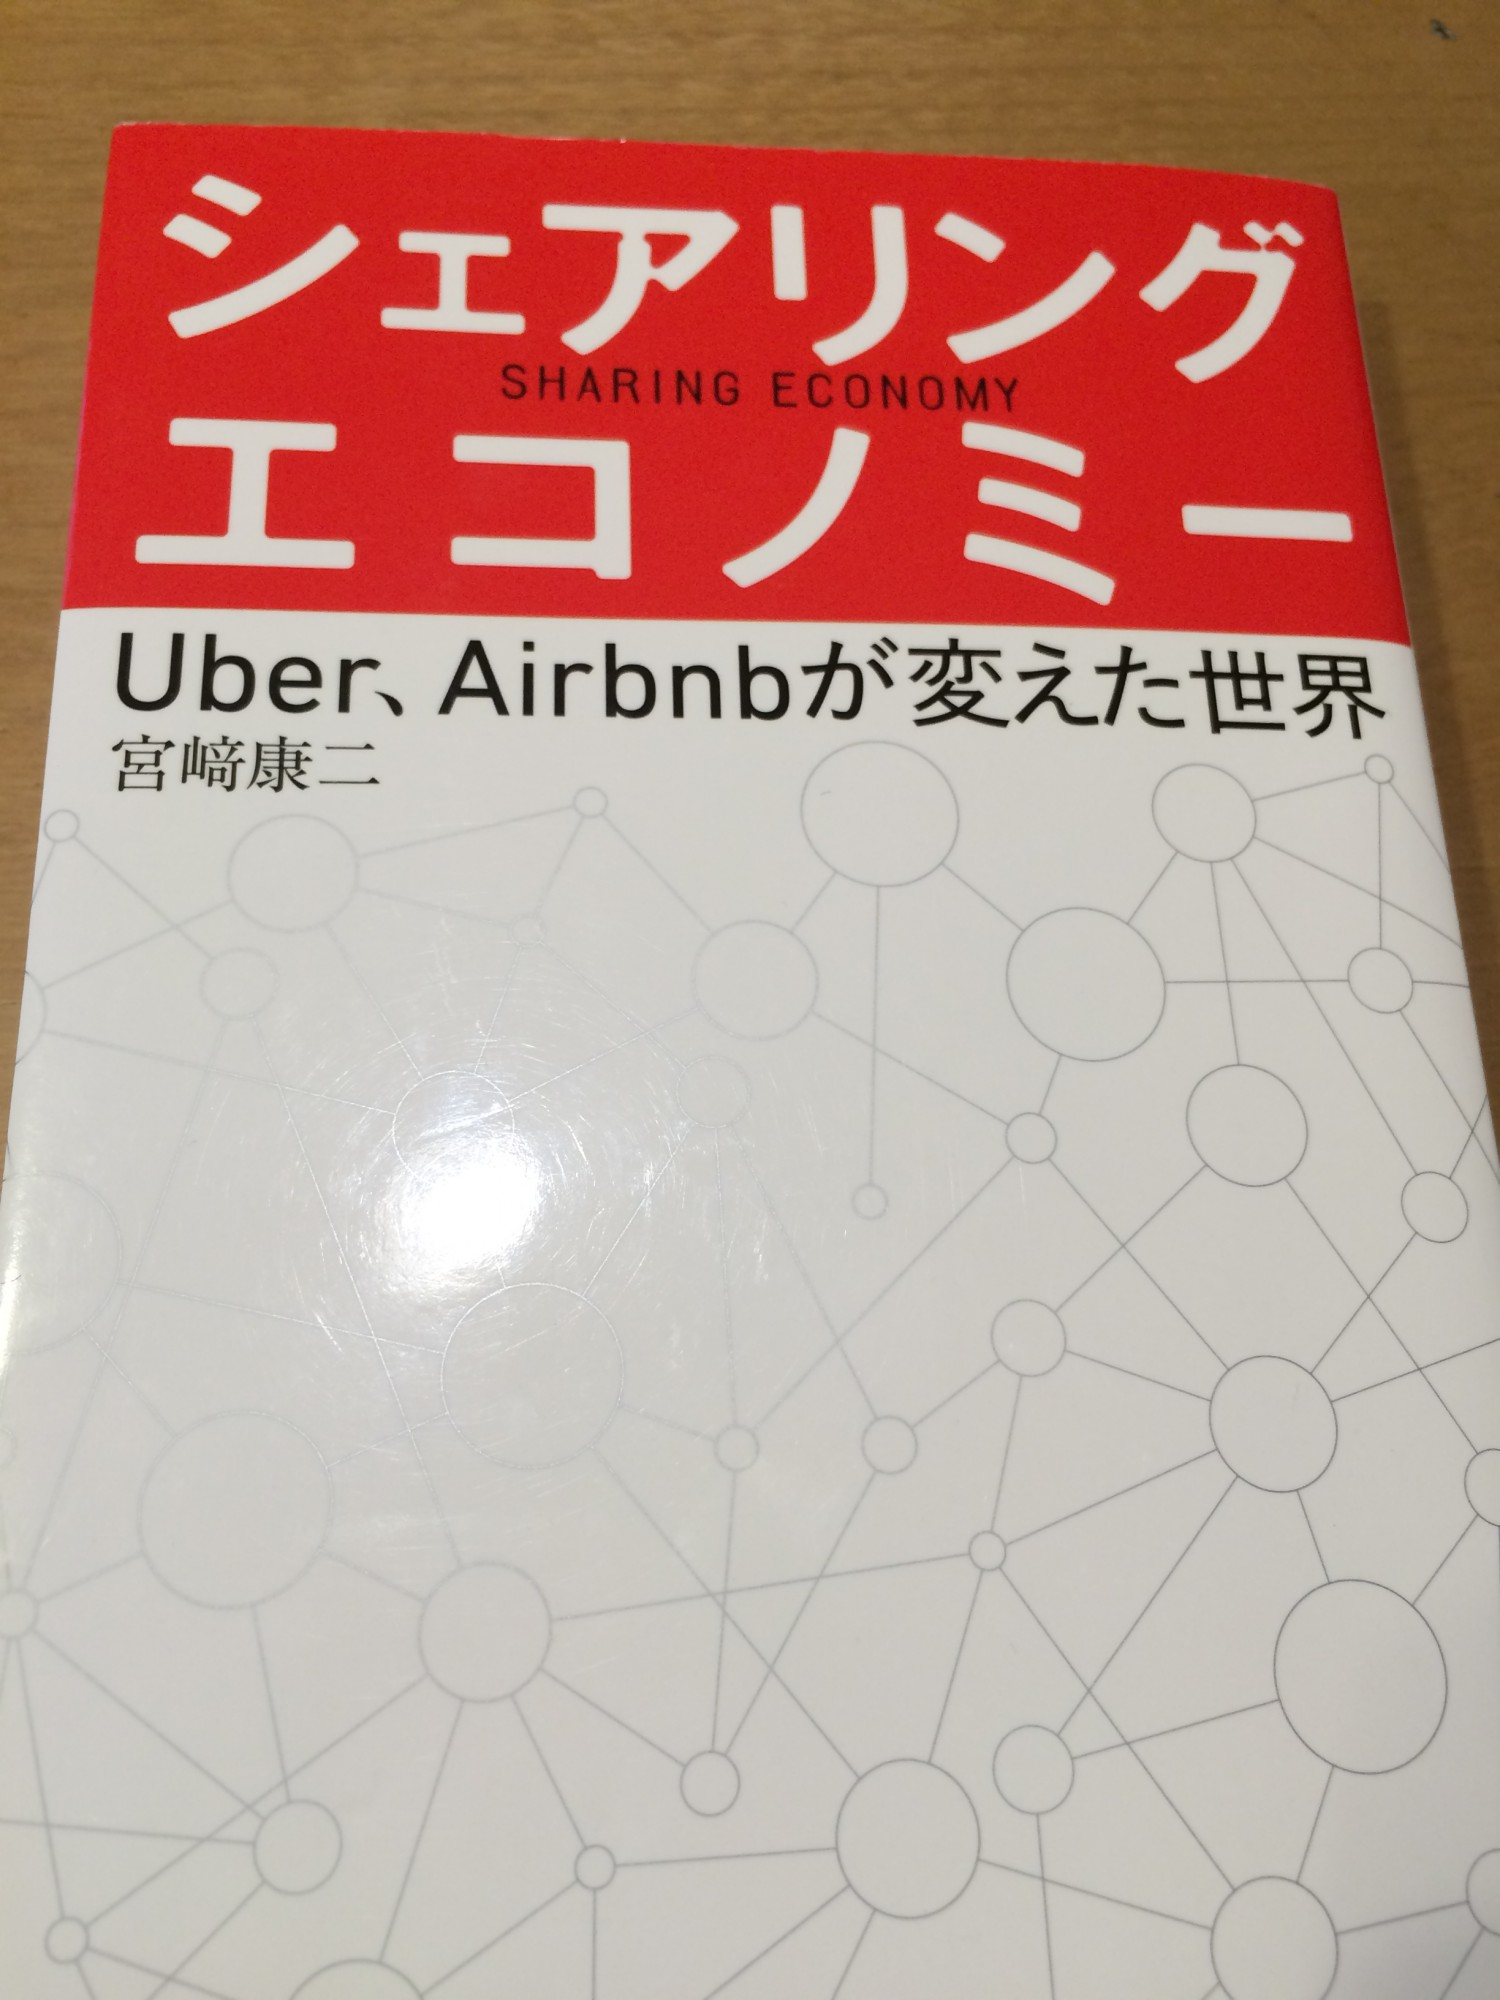 シェアリングエコノミー~Uber、Airbnbが変えた世界